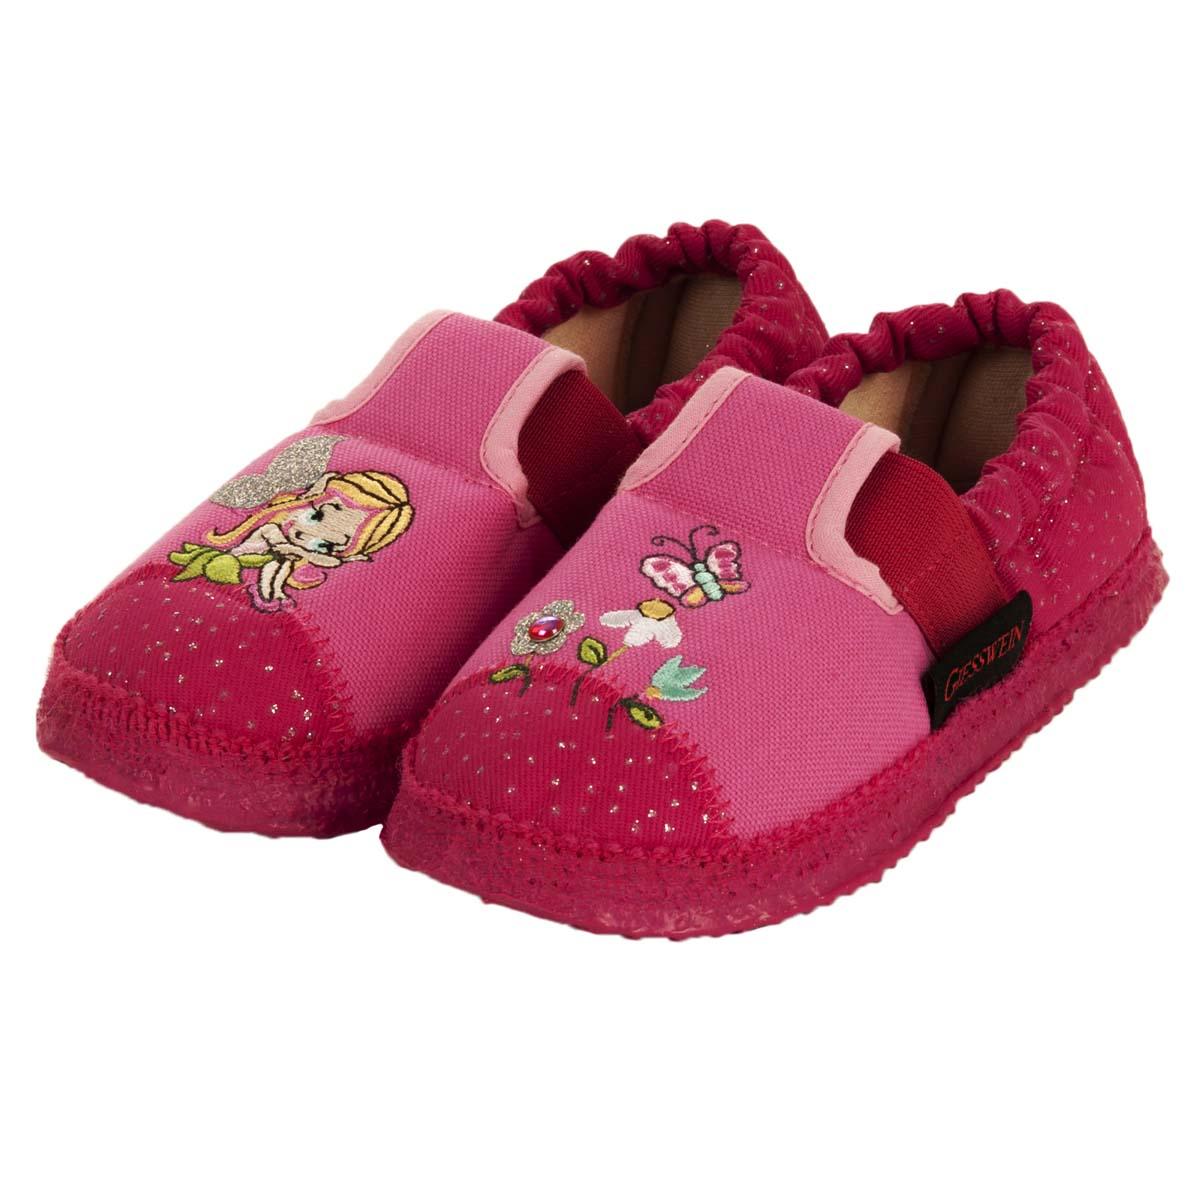 acquistare buona reputazione codici promozionali pantofole per bambini firmate GIESSWEIN